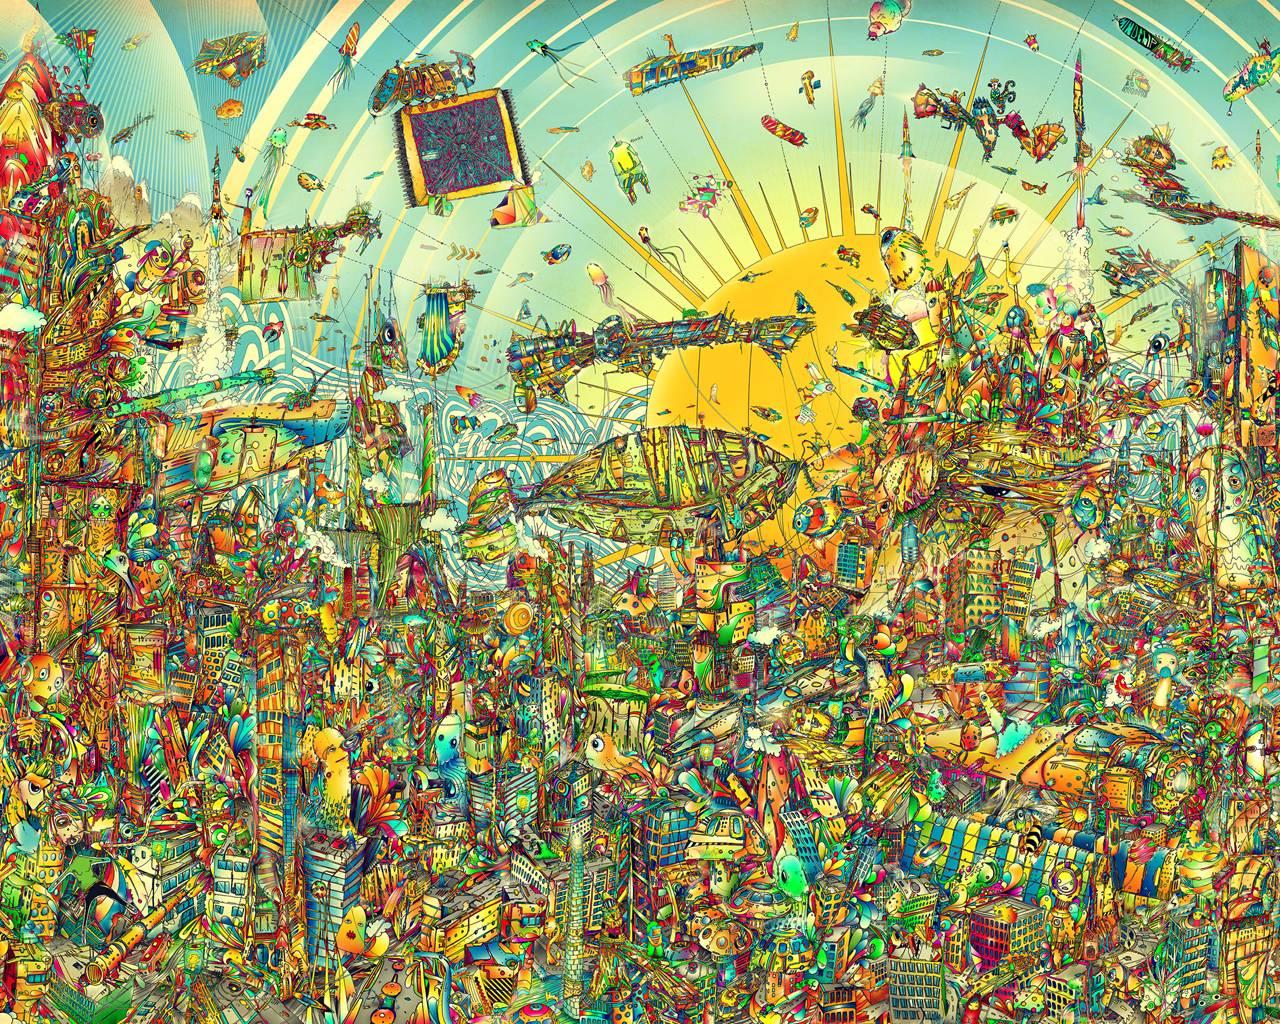 Wheres Waldo LSD Edition   Imgur 1280x1024